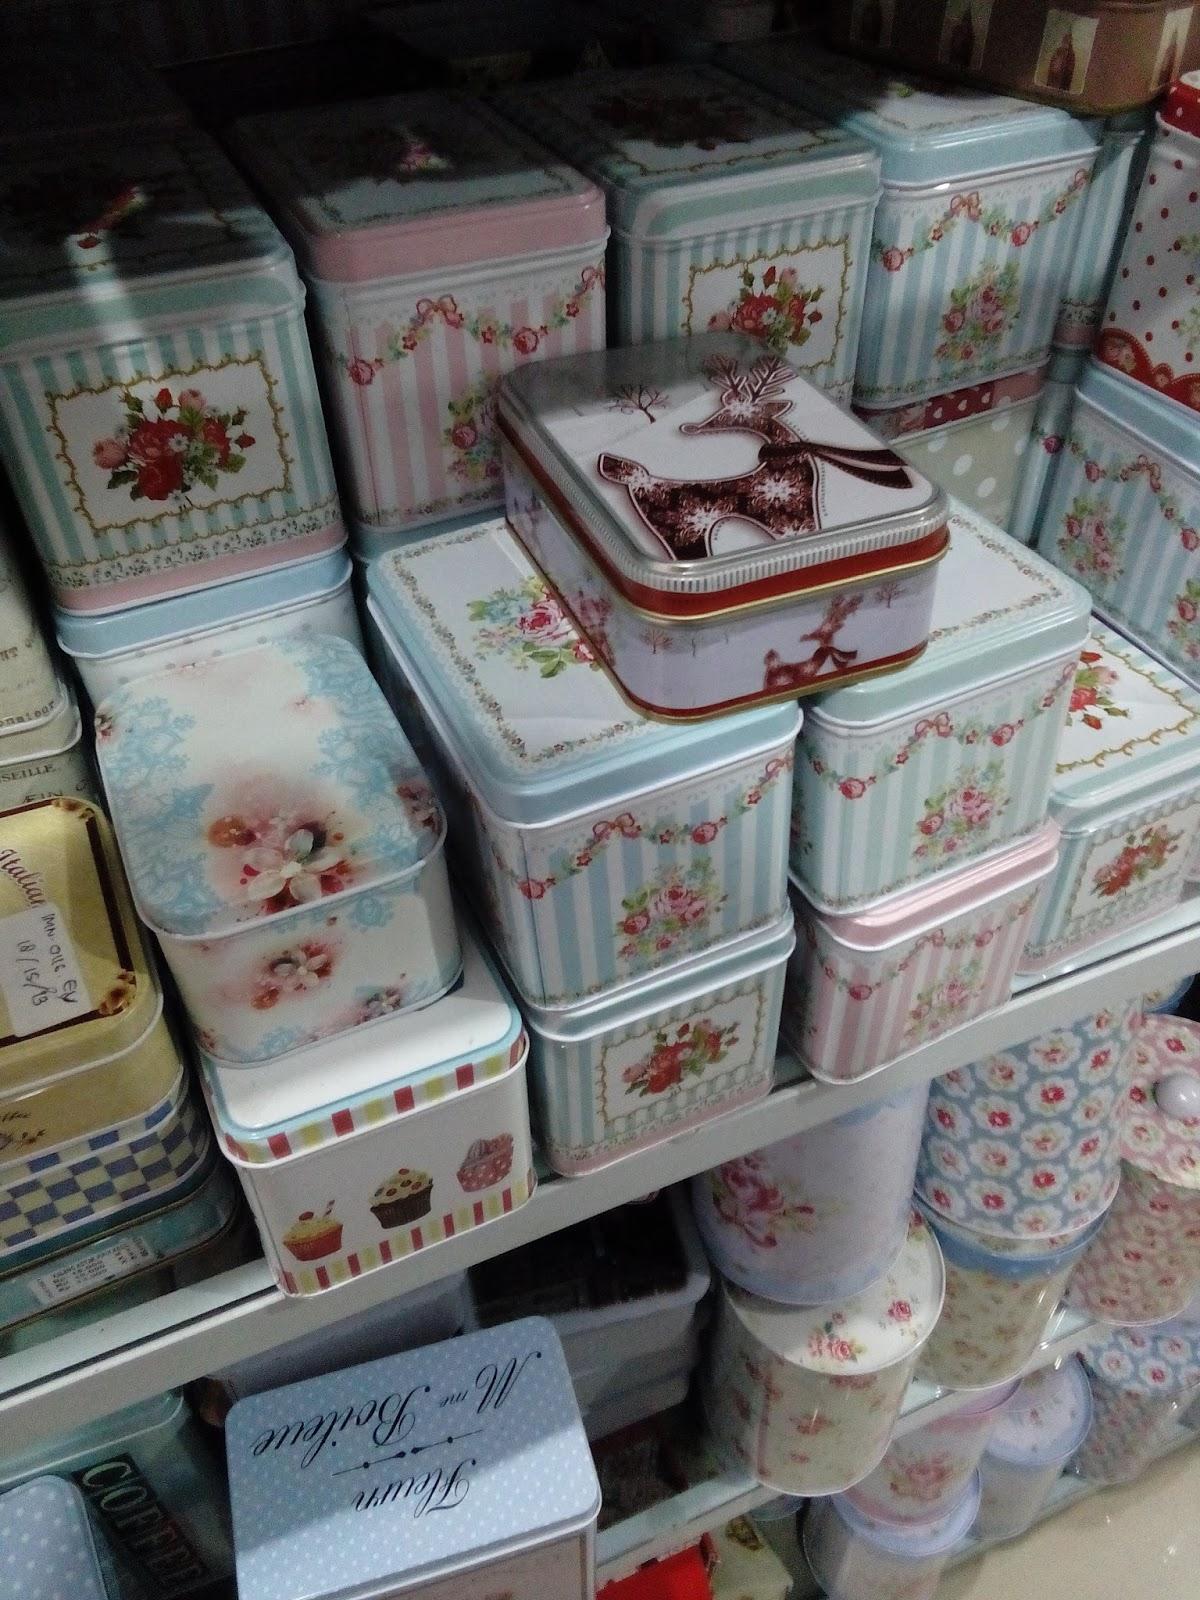 kontainer klasik chic gambar bunga Jolie Jogja Wirobrajan